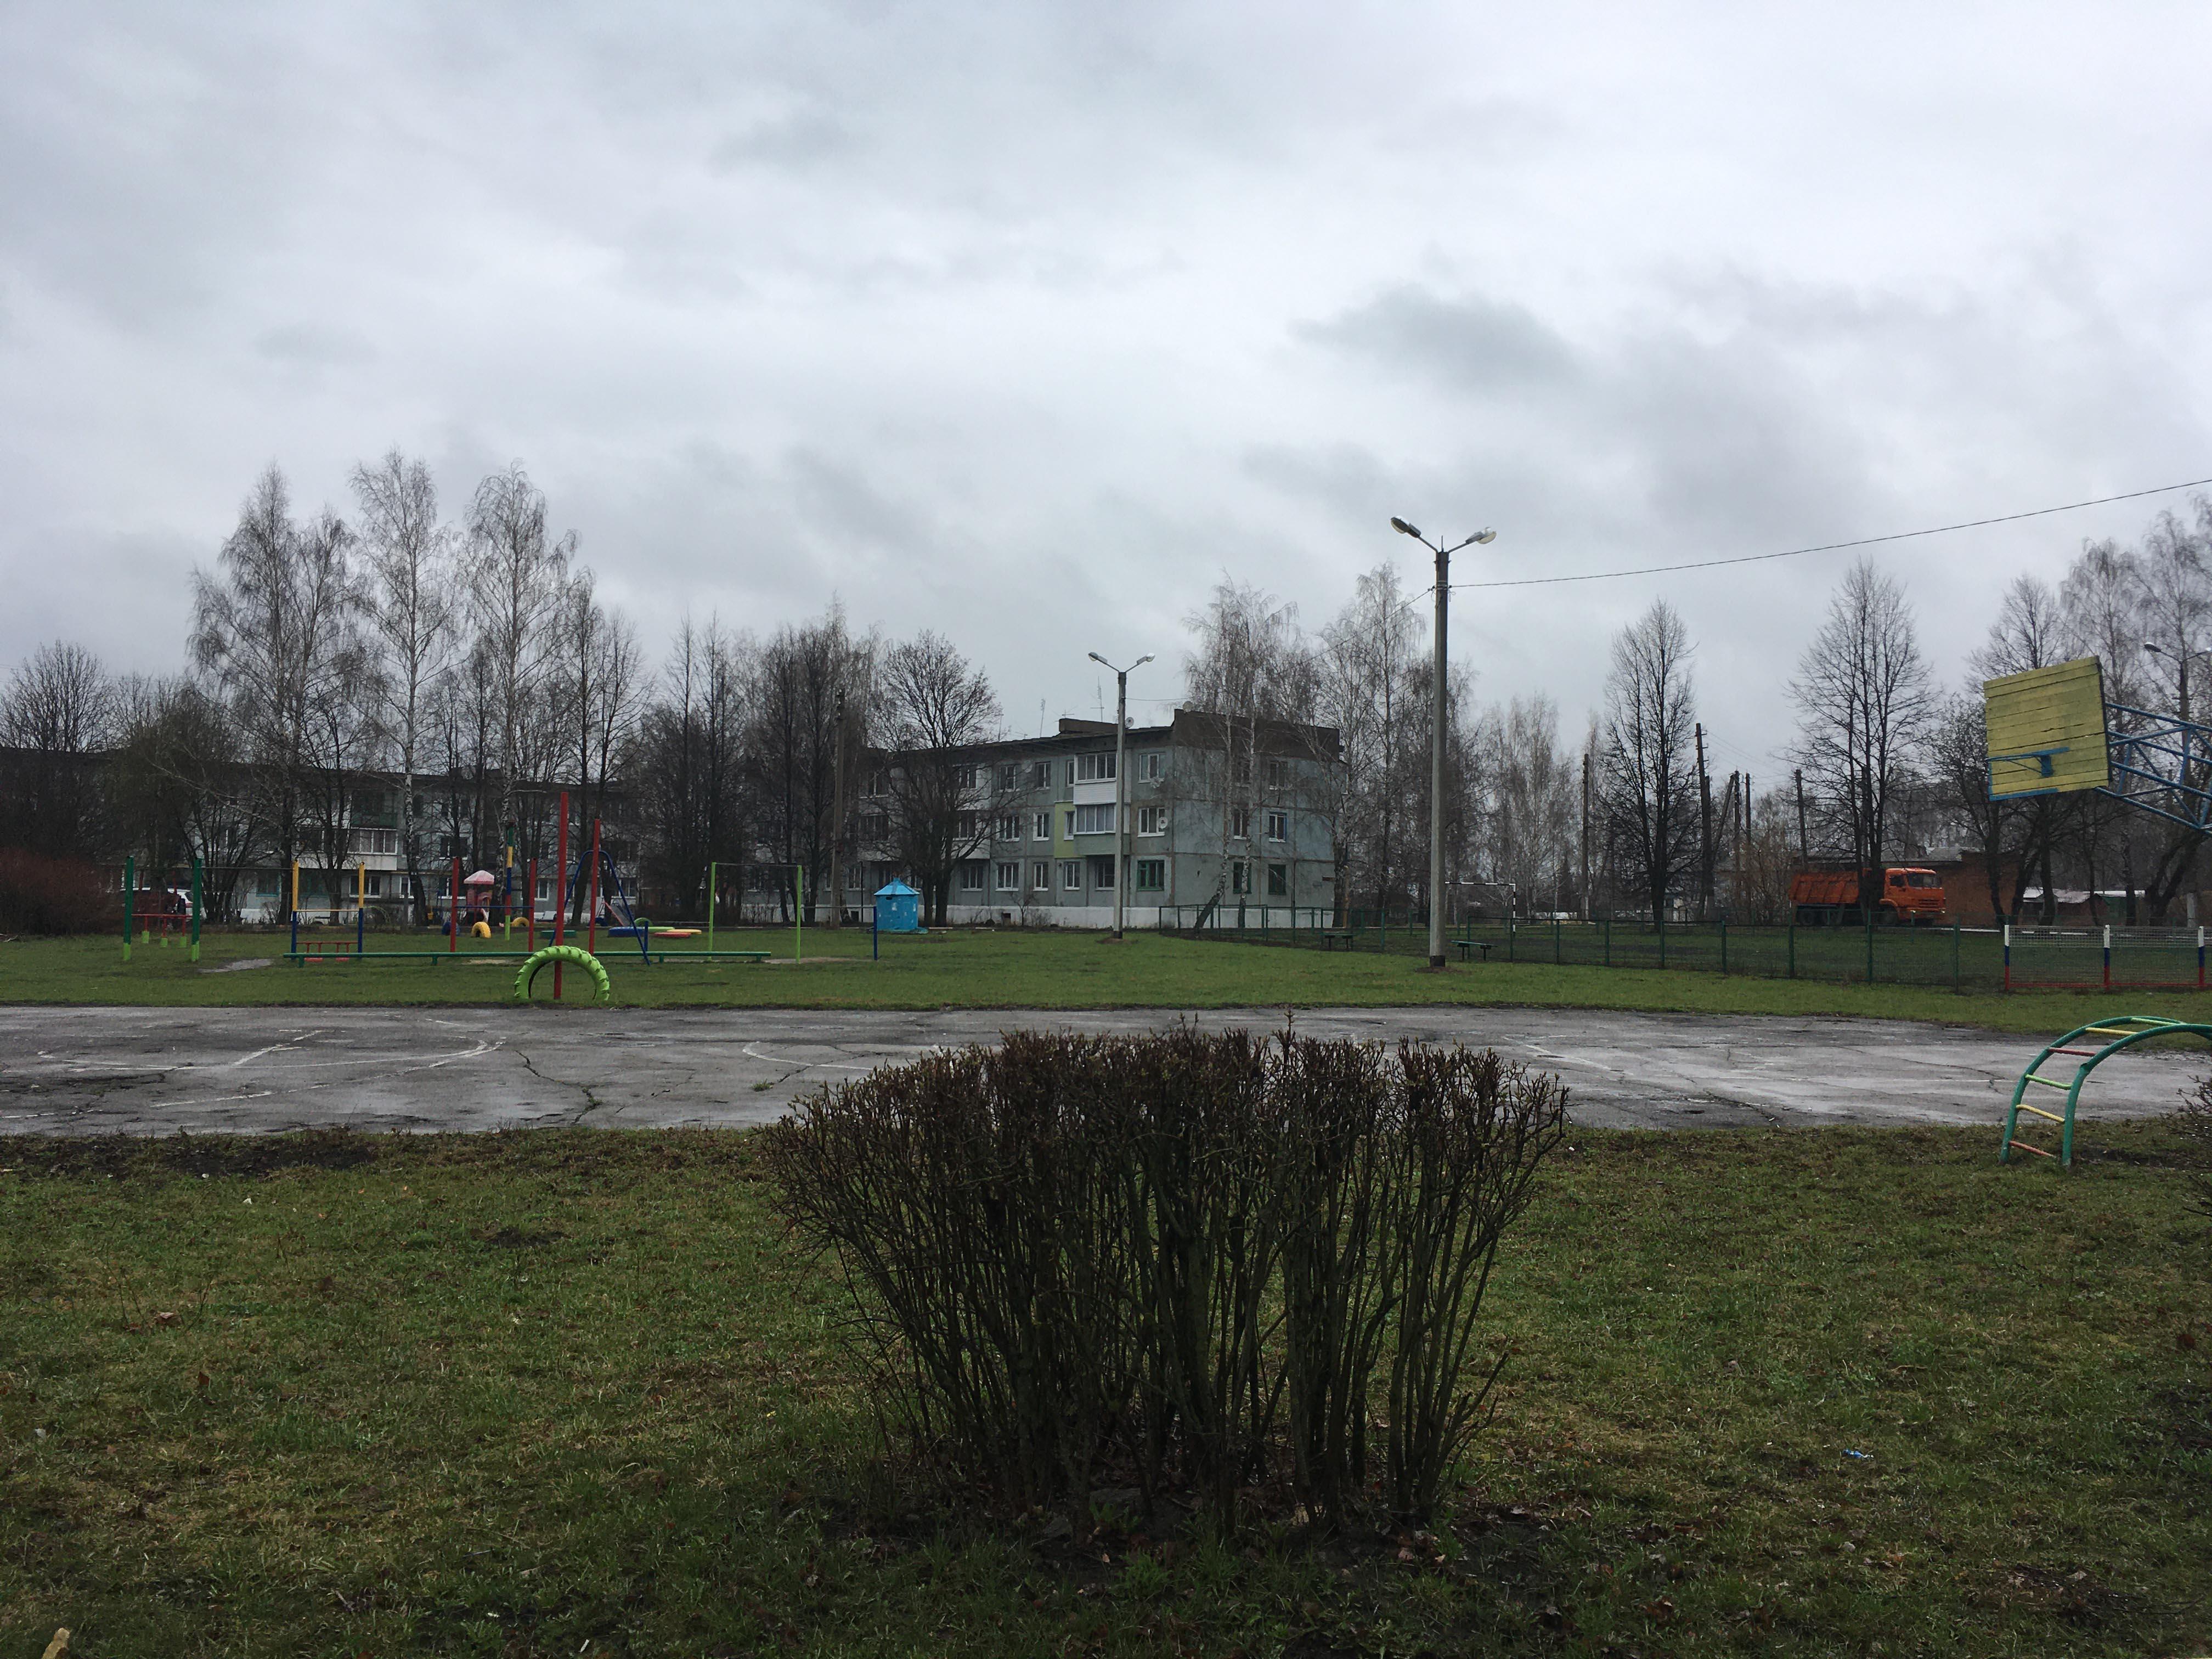 Обустройство спортивной площадки на ул. Луговая в поселке Ширинский Новомосковского района